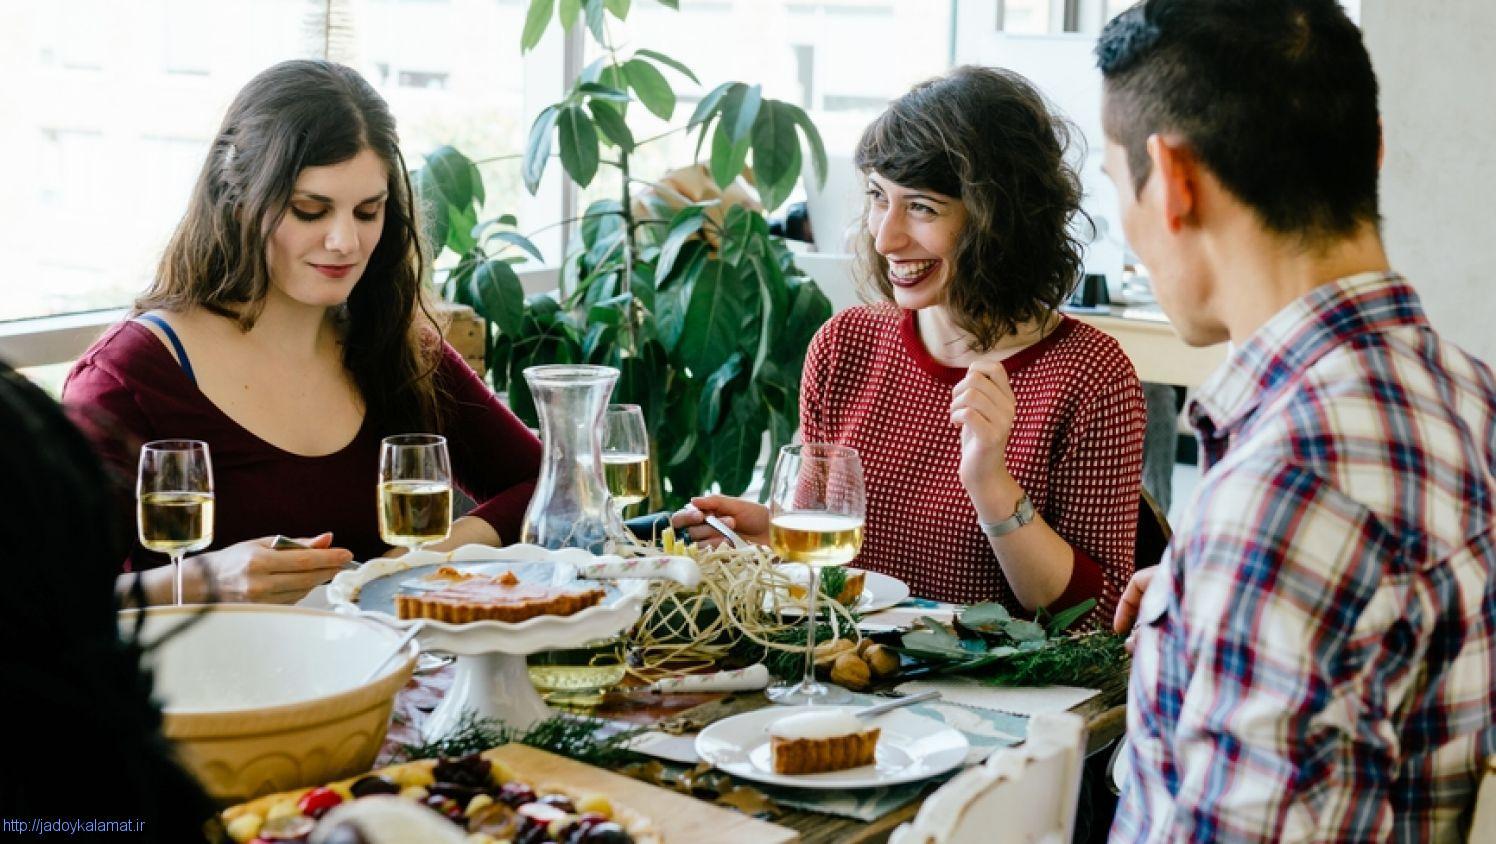 خجالت نکشیدن هنگام رفتن به مهمانی